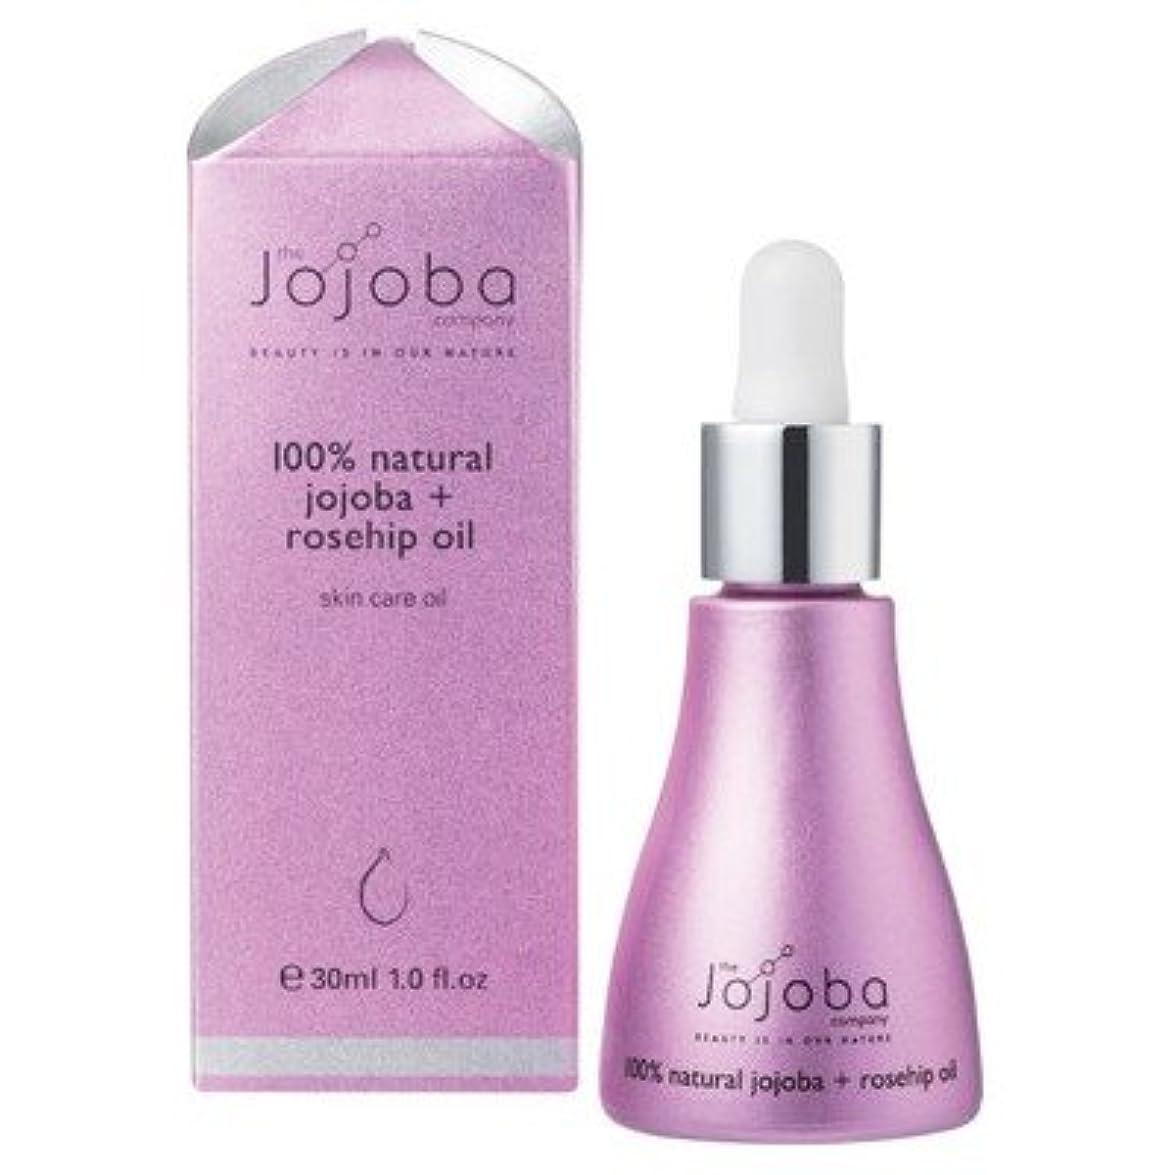 怪物磁石時々the Jojoba Company 100% Natural Australian Jojoba Oil + Rosehip Oil ホホバ&ローズヒップブレンドオイル 30ml [海外直送品]